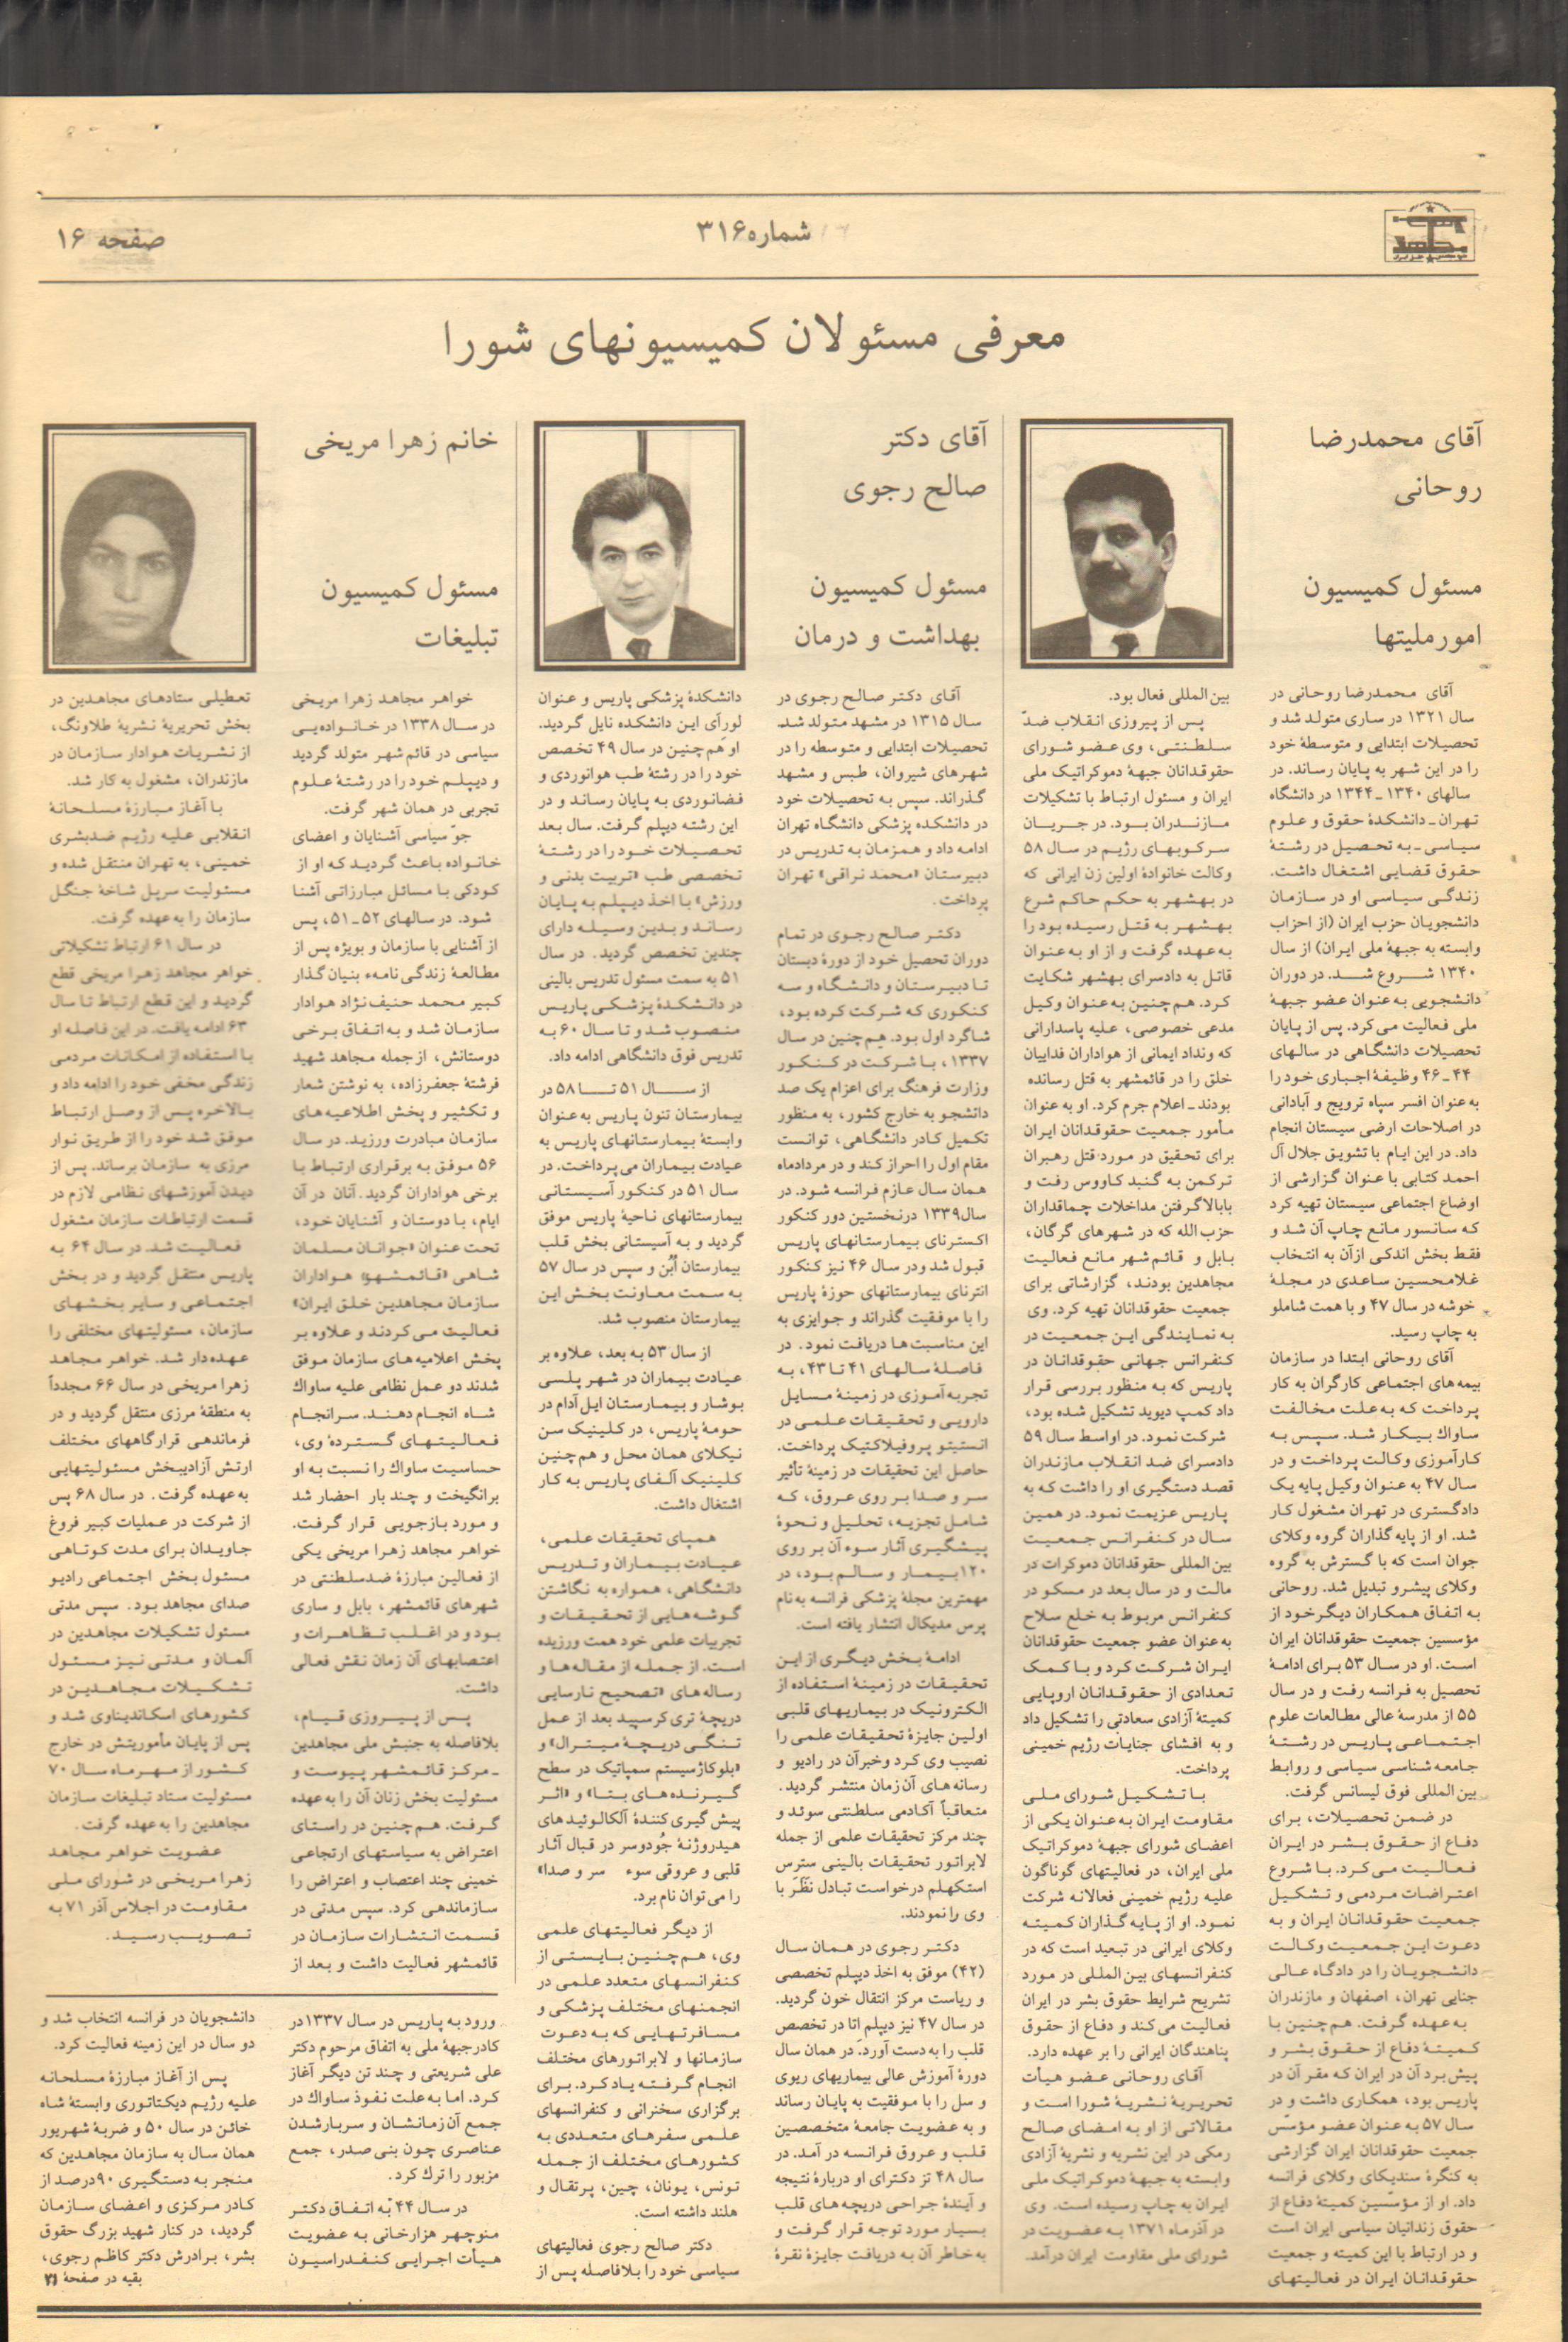 نشریه 316 فرقه رجوی در معرفی محمد رضا روحانی